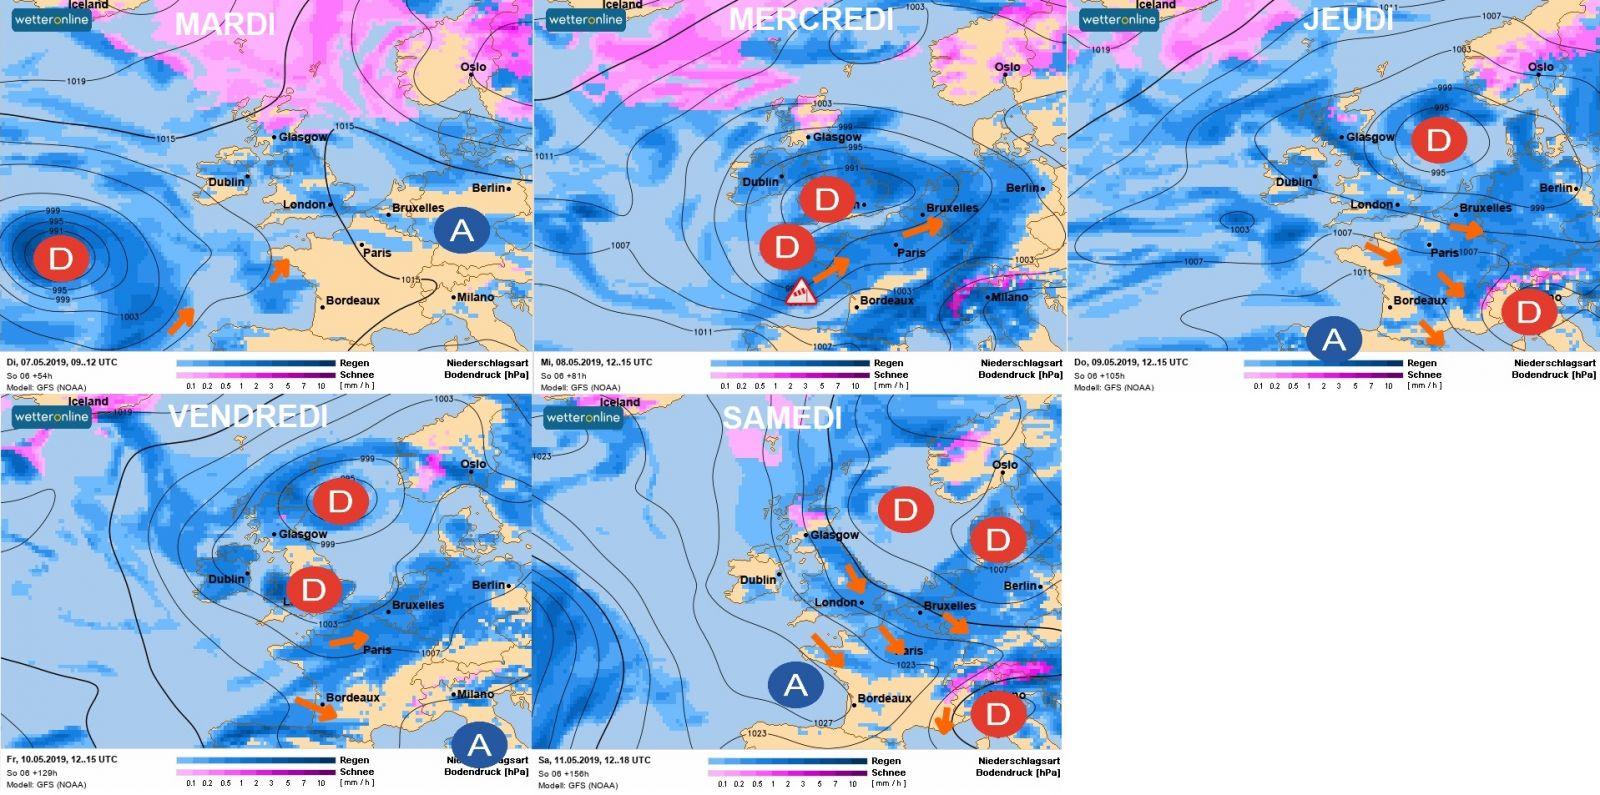 Image d'illustration pour Vers une nouvelle semaine de météo difficile... A quand l'amélioration?